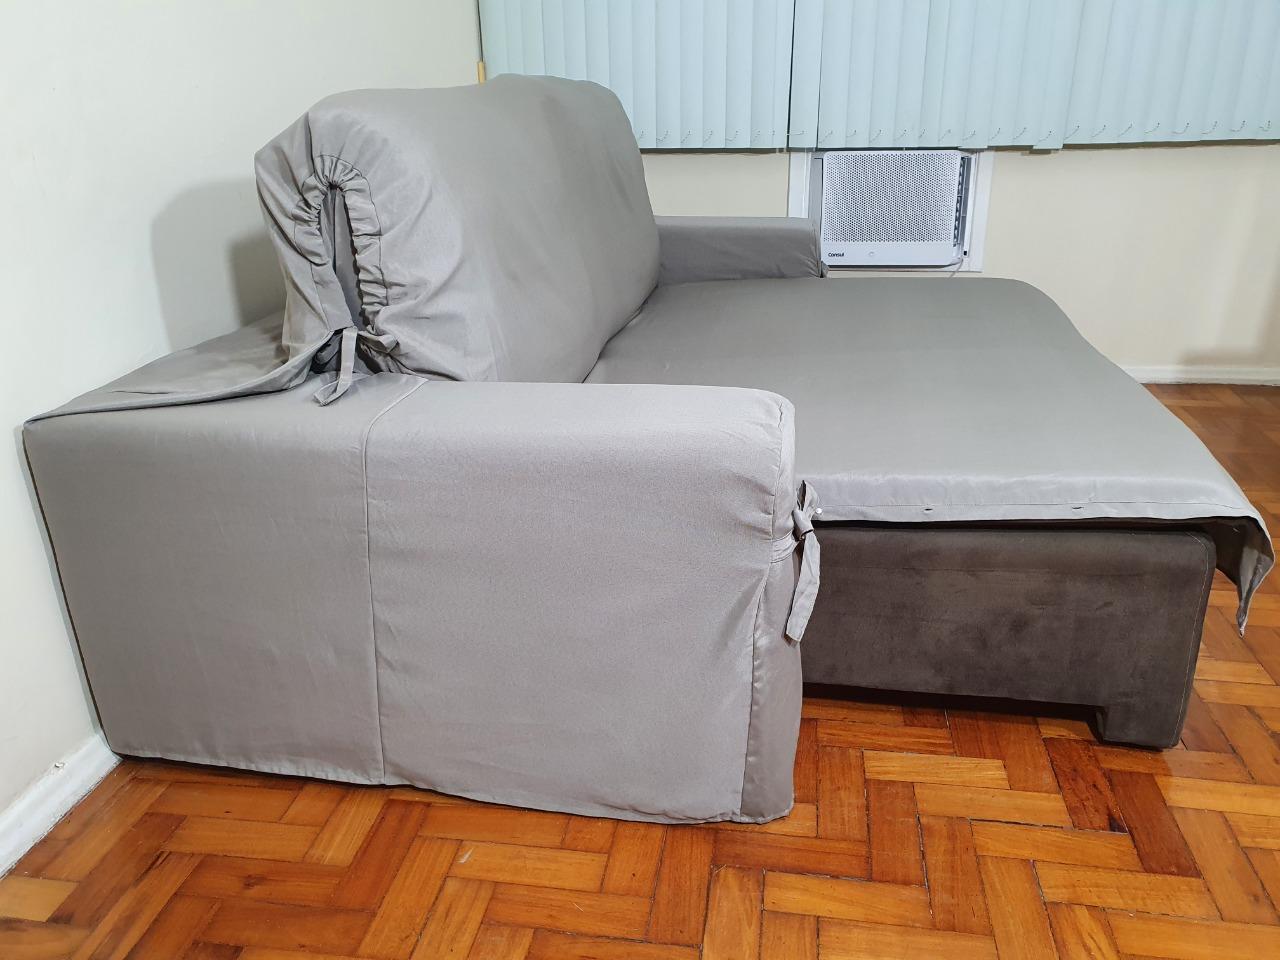 Capa p/ Sofá Retrátil e Reclinável em GORGURÃO CINZA - Veste Sofás de 2,66m até 2,95m